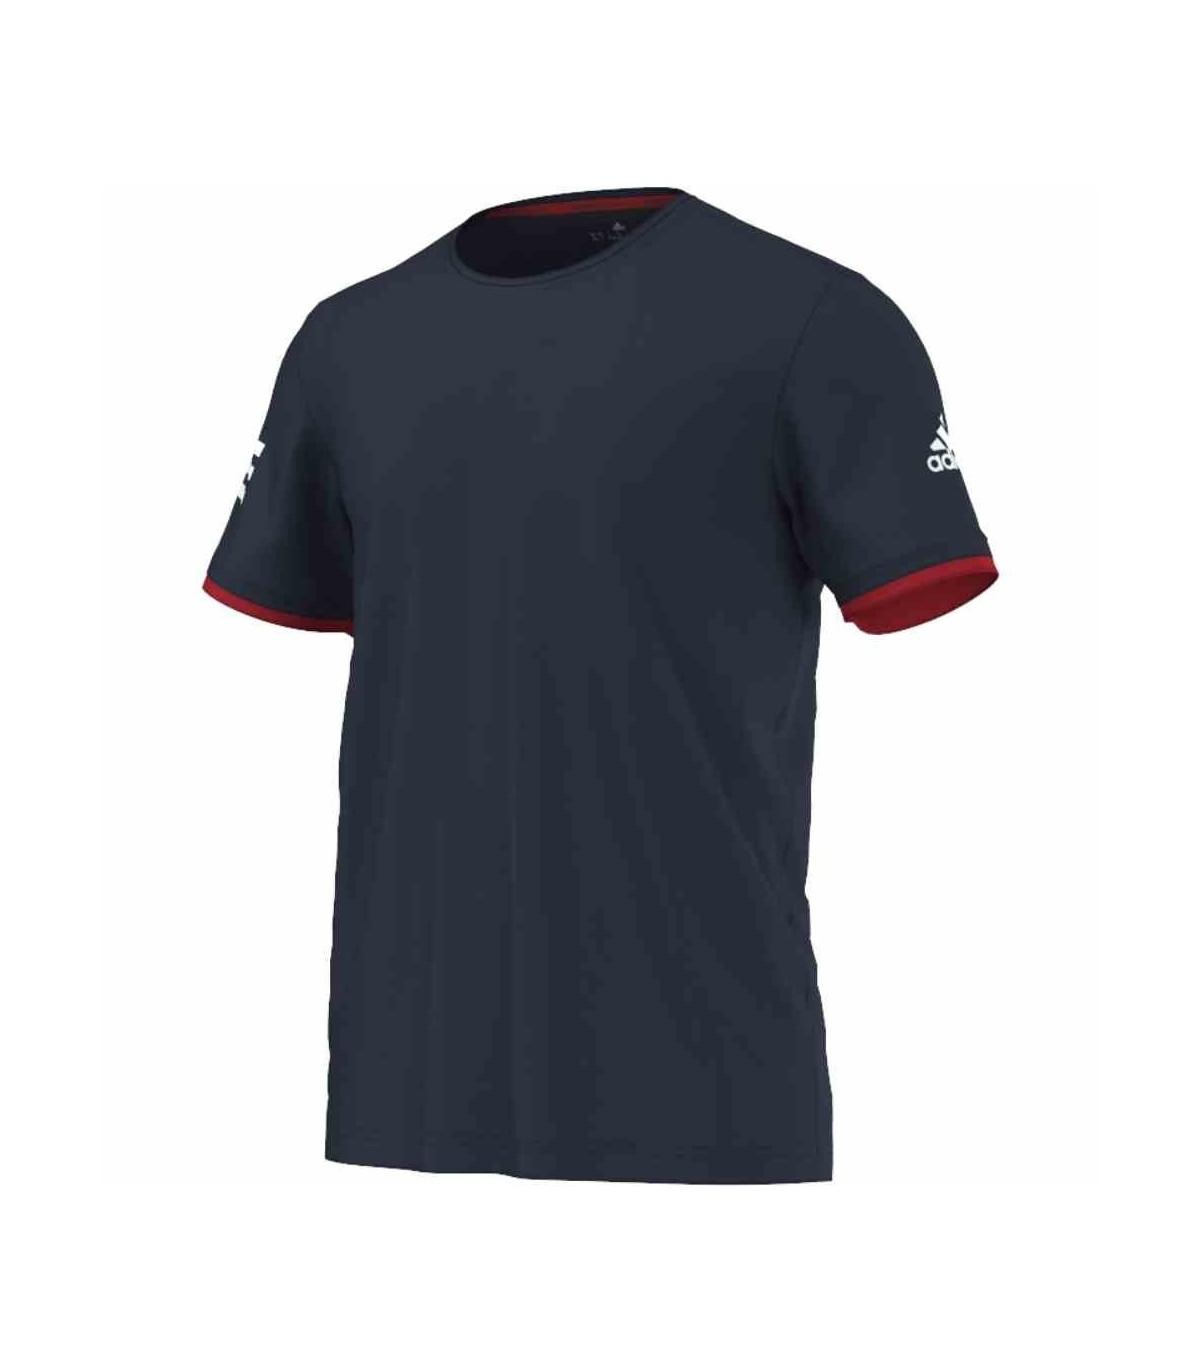 BlancMy Navy Shirt Hommescollegiate Club Adidas T I9WEDH2Y